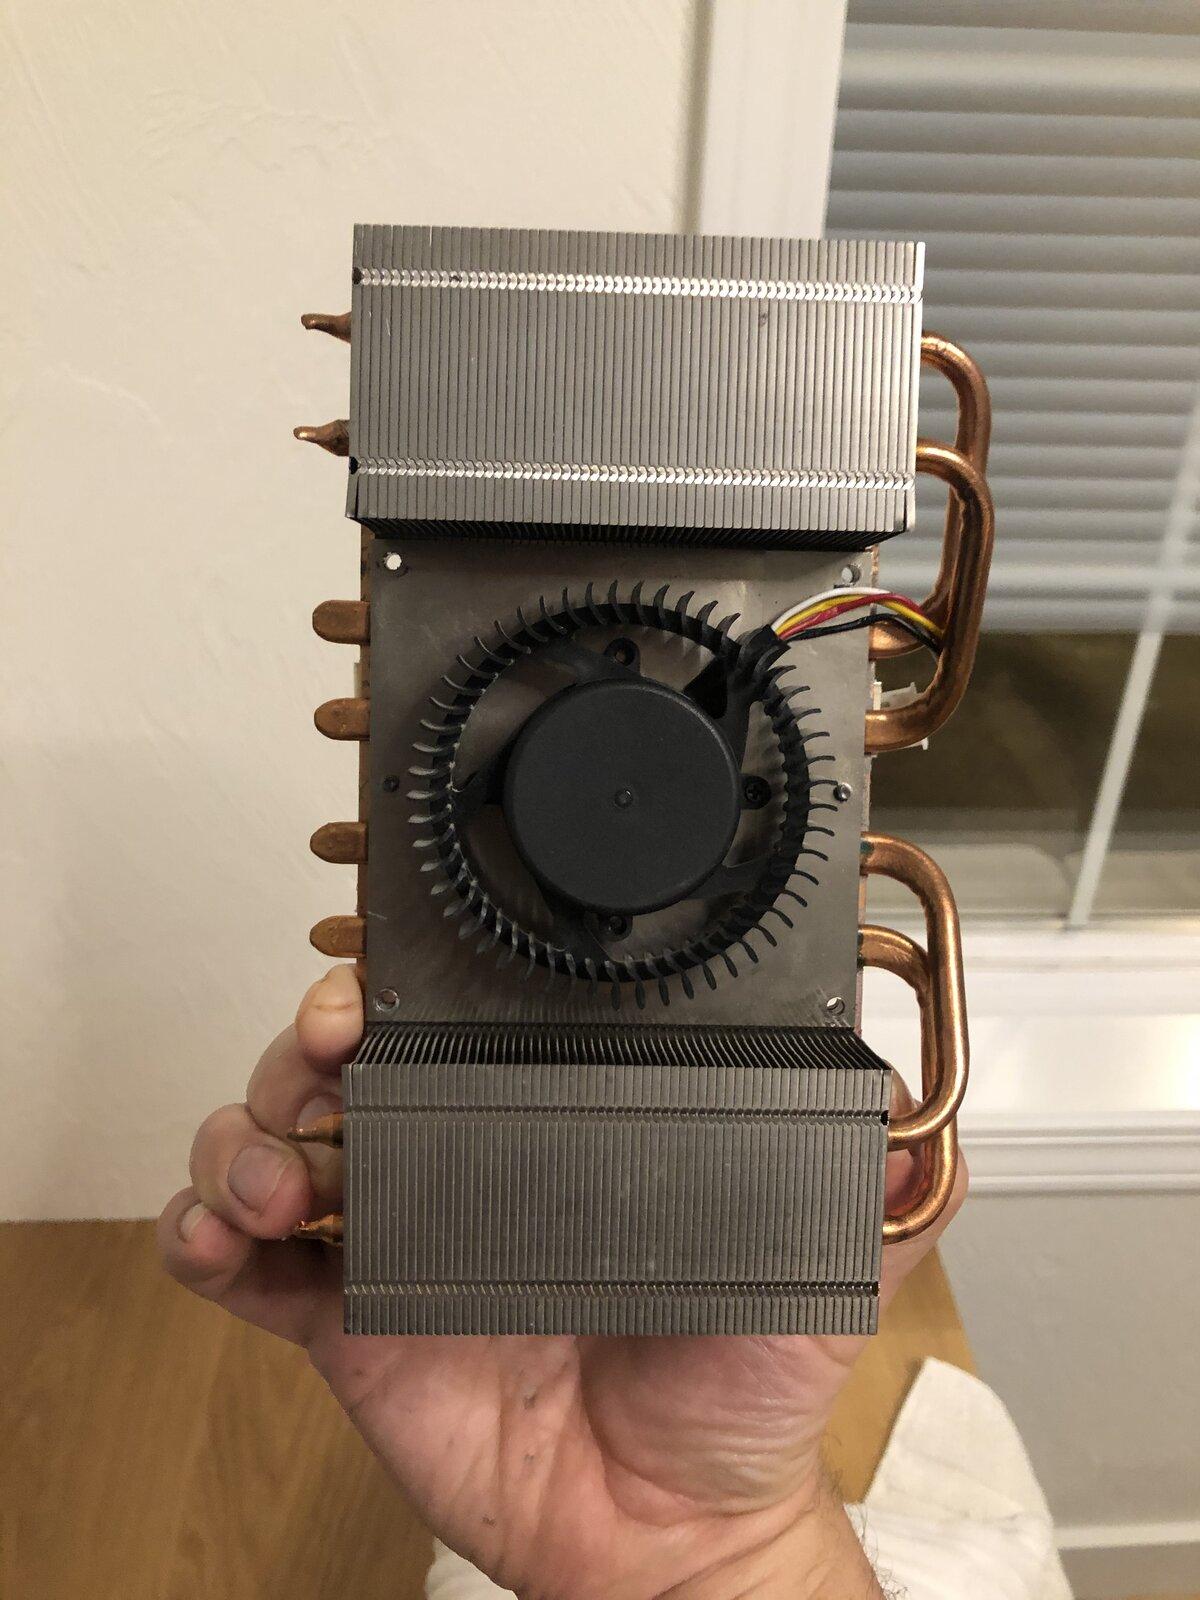 8465AFB1-ECDC-4F82-A530-0675BF96B346.jpeg